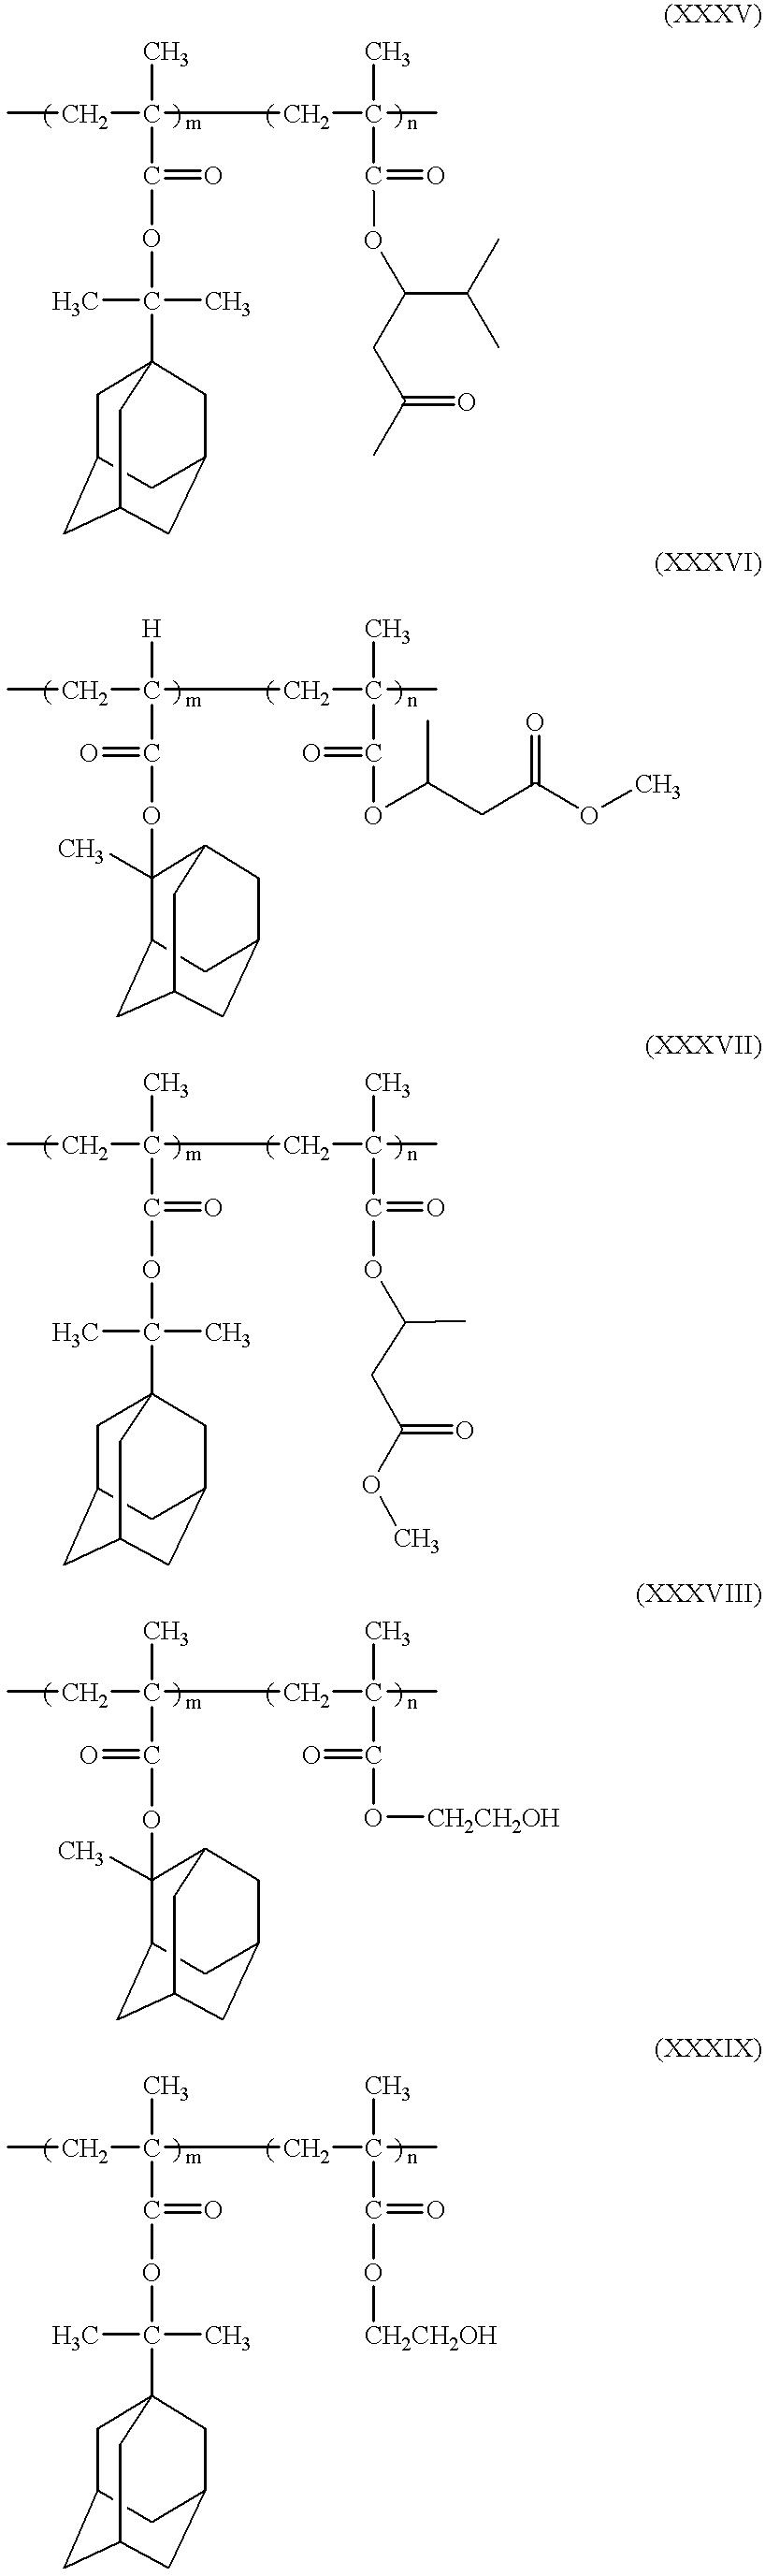 Figure US06329125-20011211-C00038